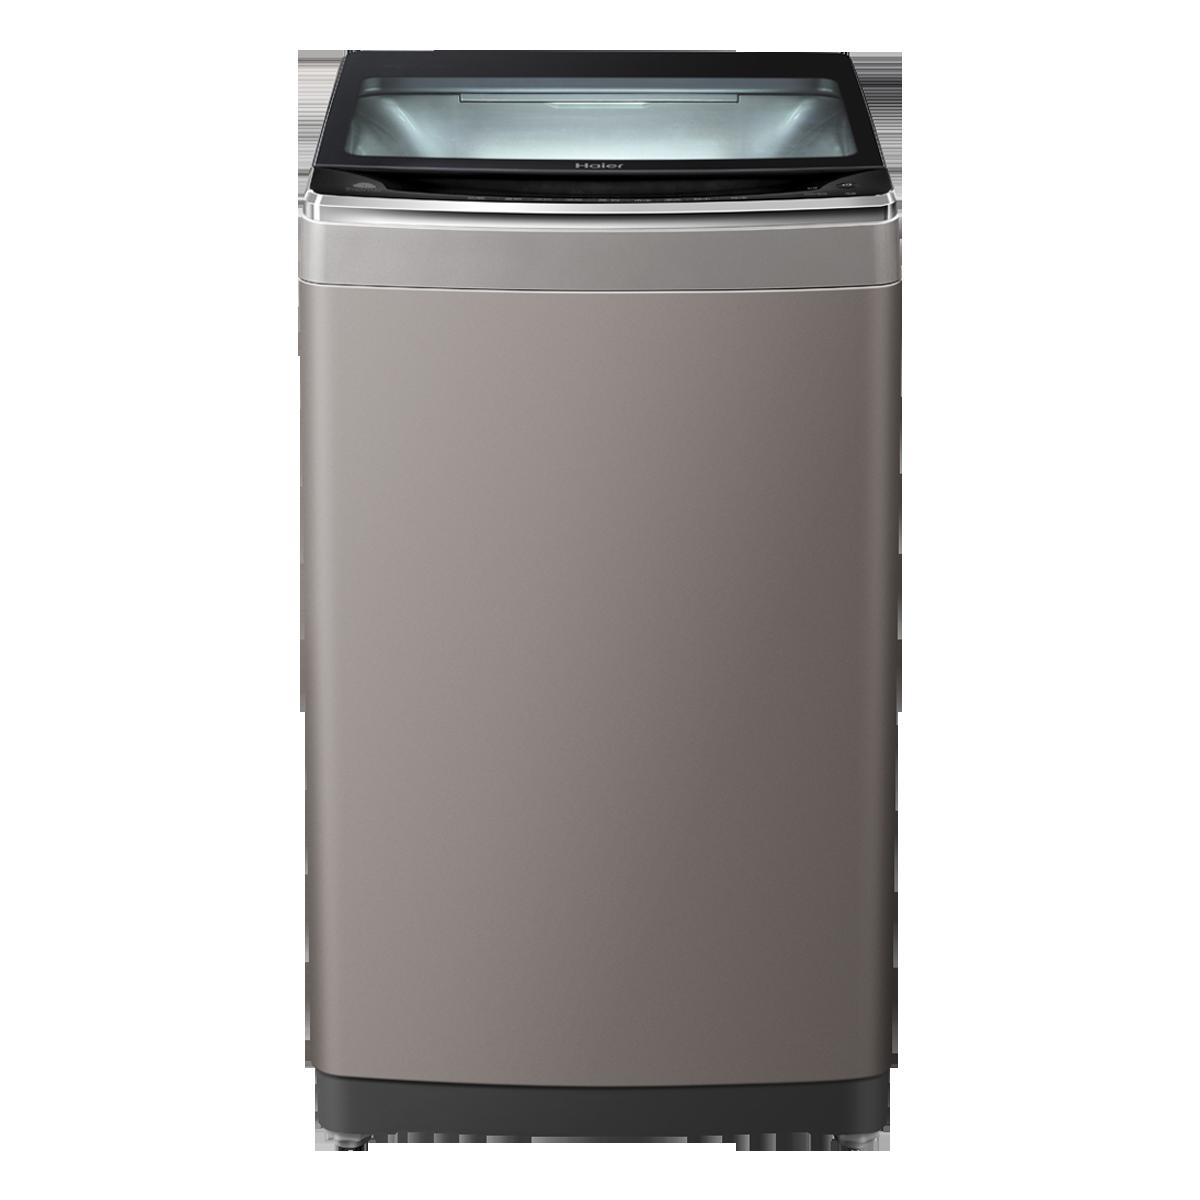 海尔Haier洗衣机 MS80-BZ1528 说明书